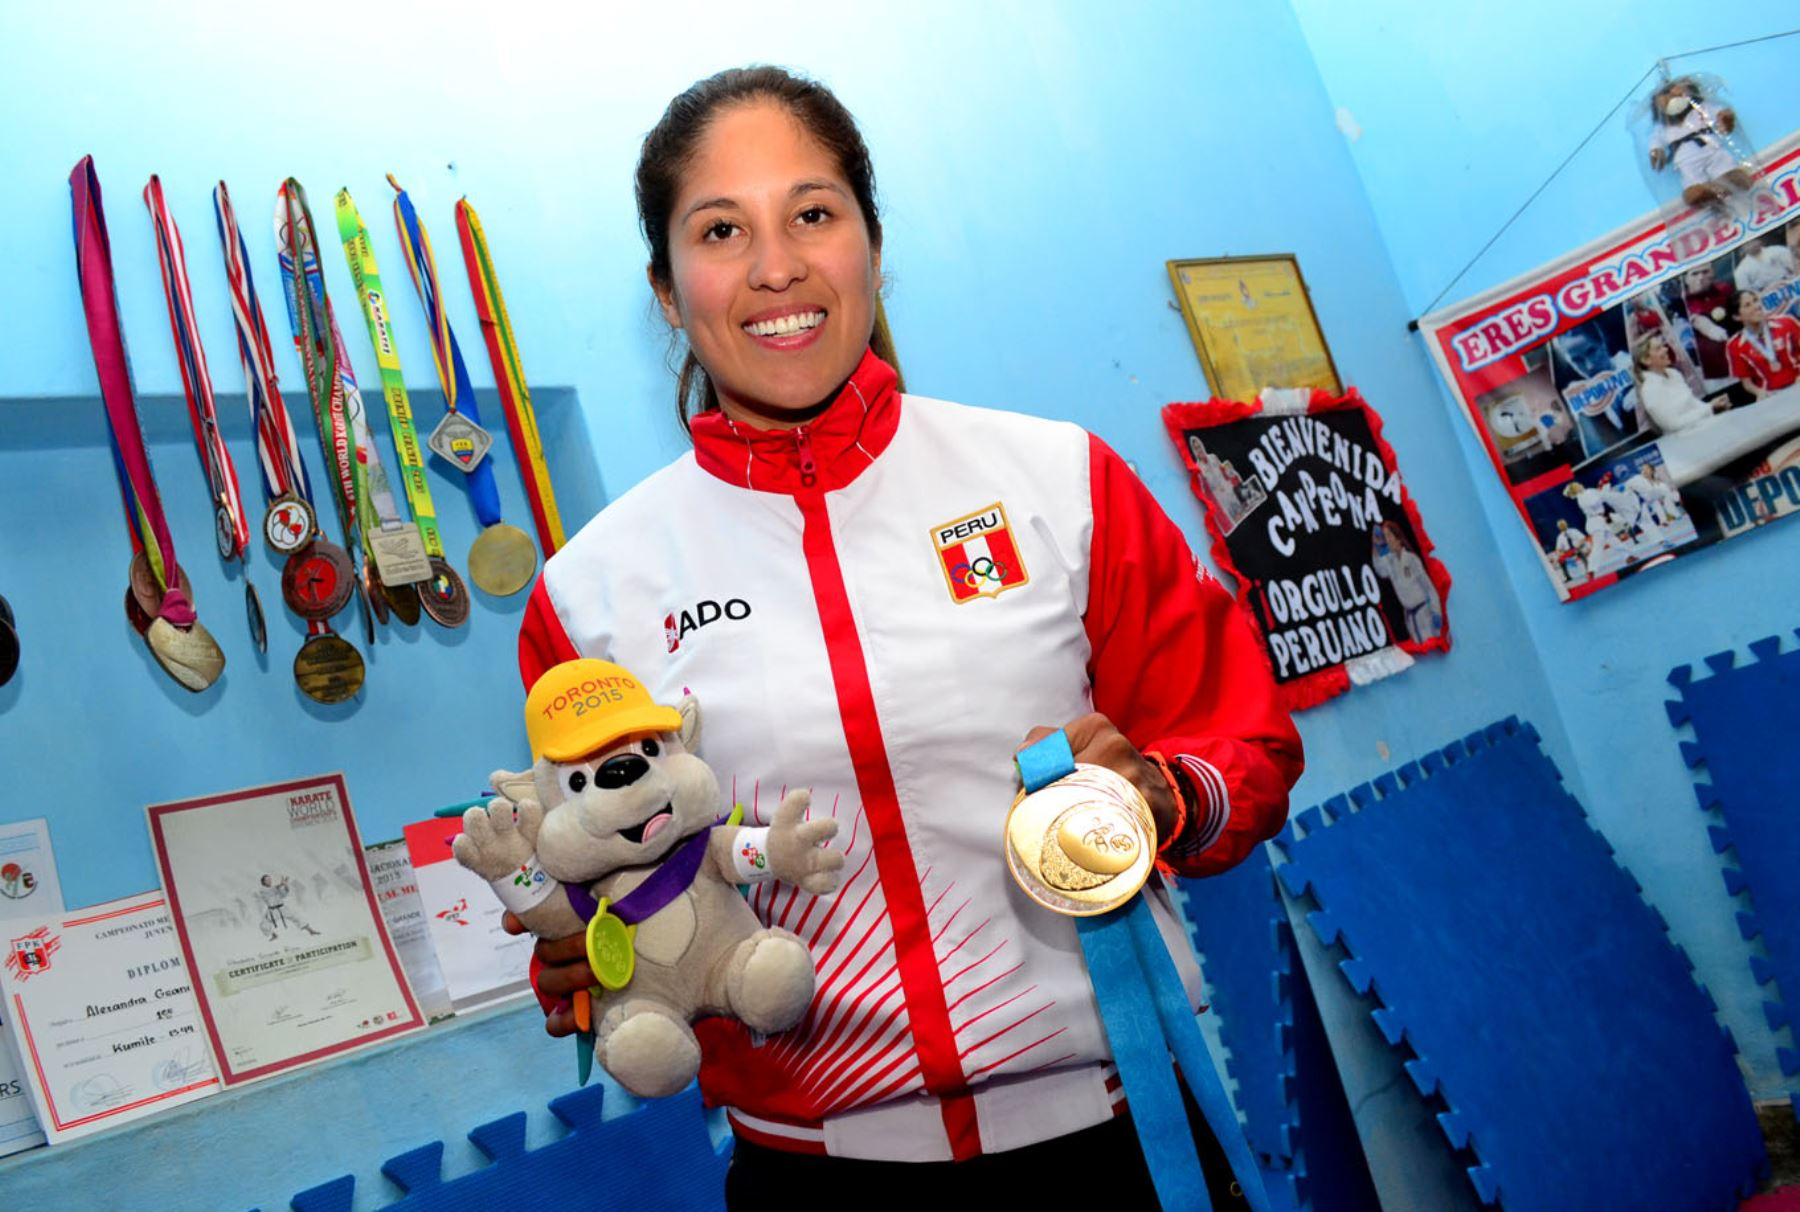 LIMA,PERÚ-AGOSTO 01. Karateka peruana, Alexandra Grande, ganadora de la medalla de oro en los Juegos Panamericanos de Toronto. Foto: ANDINA/ Diana Marcelo